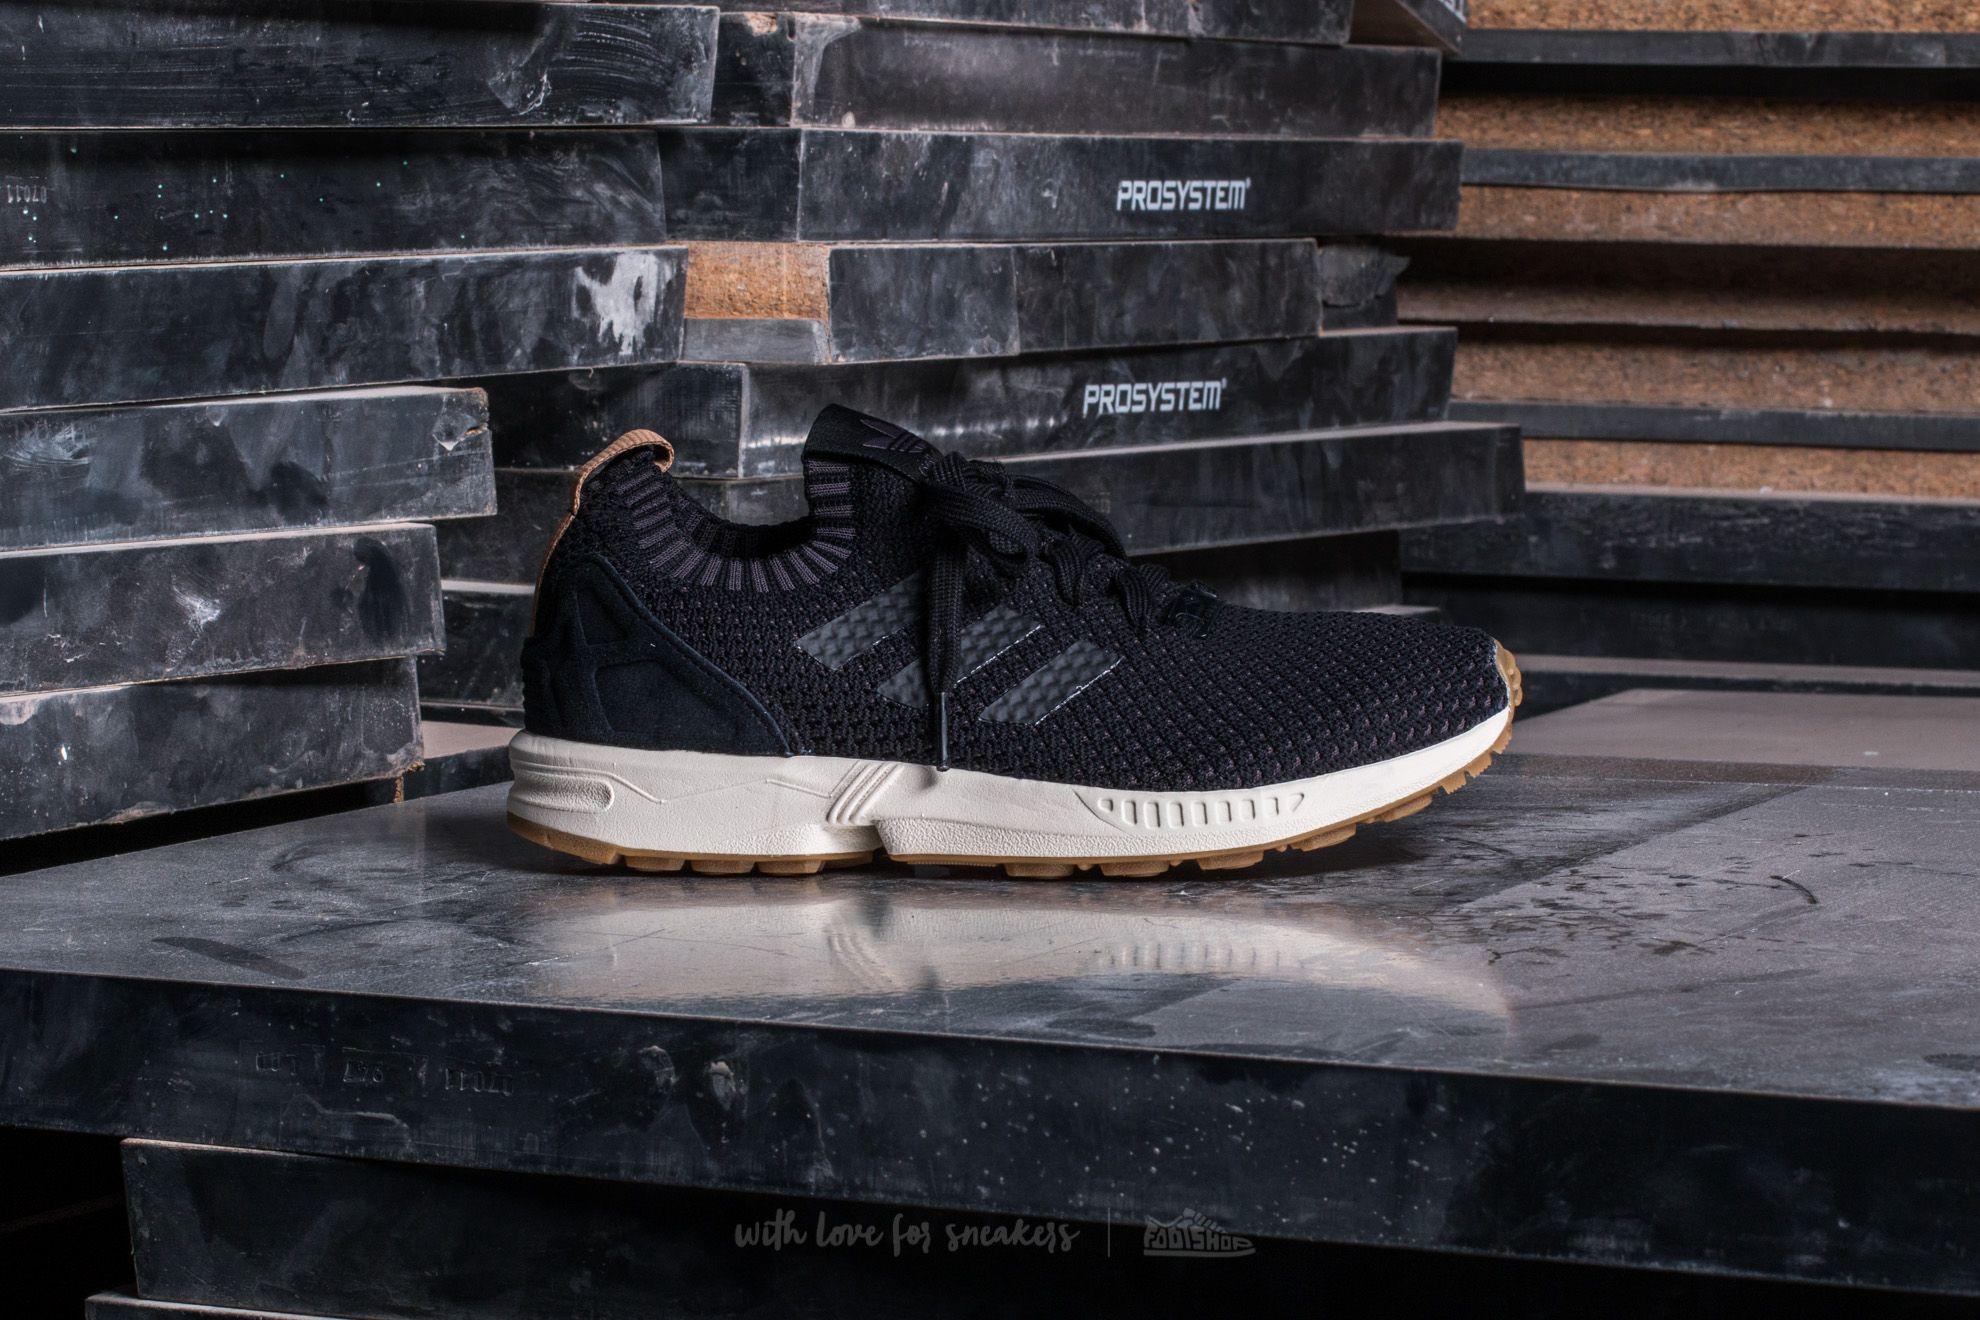 ff2bd4b3d7 adidas ZX Flux Primeknit Core Black/ Core Black/ Gum | Footshop